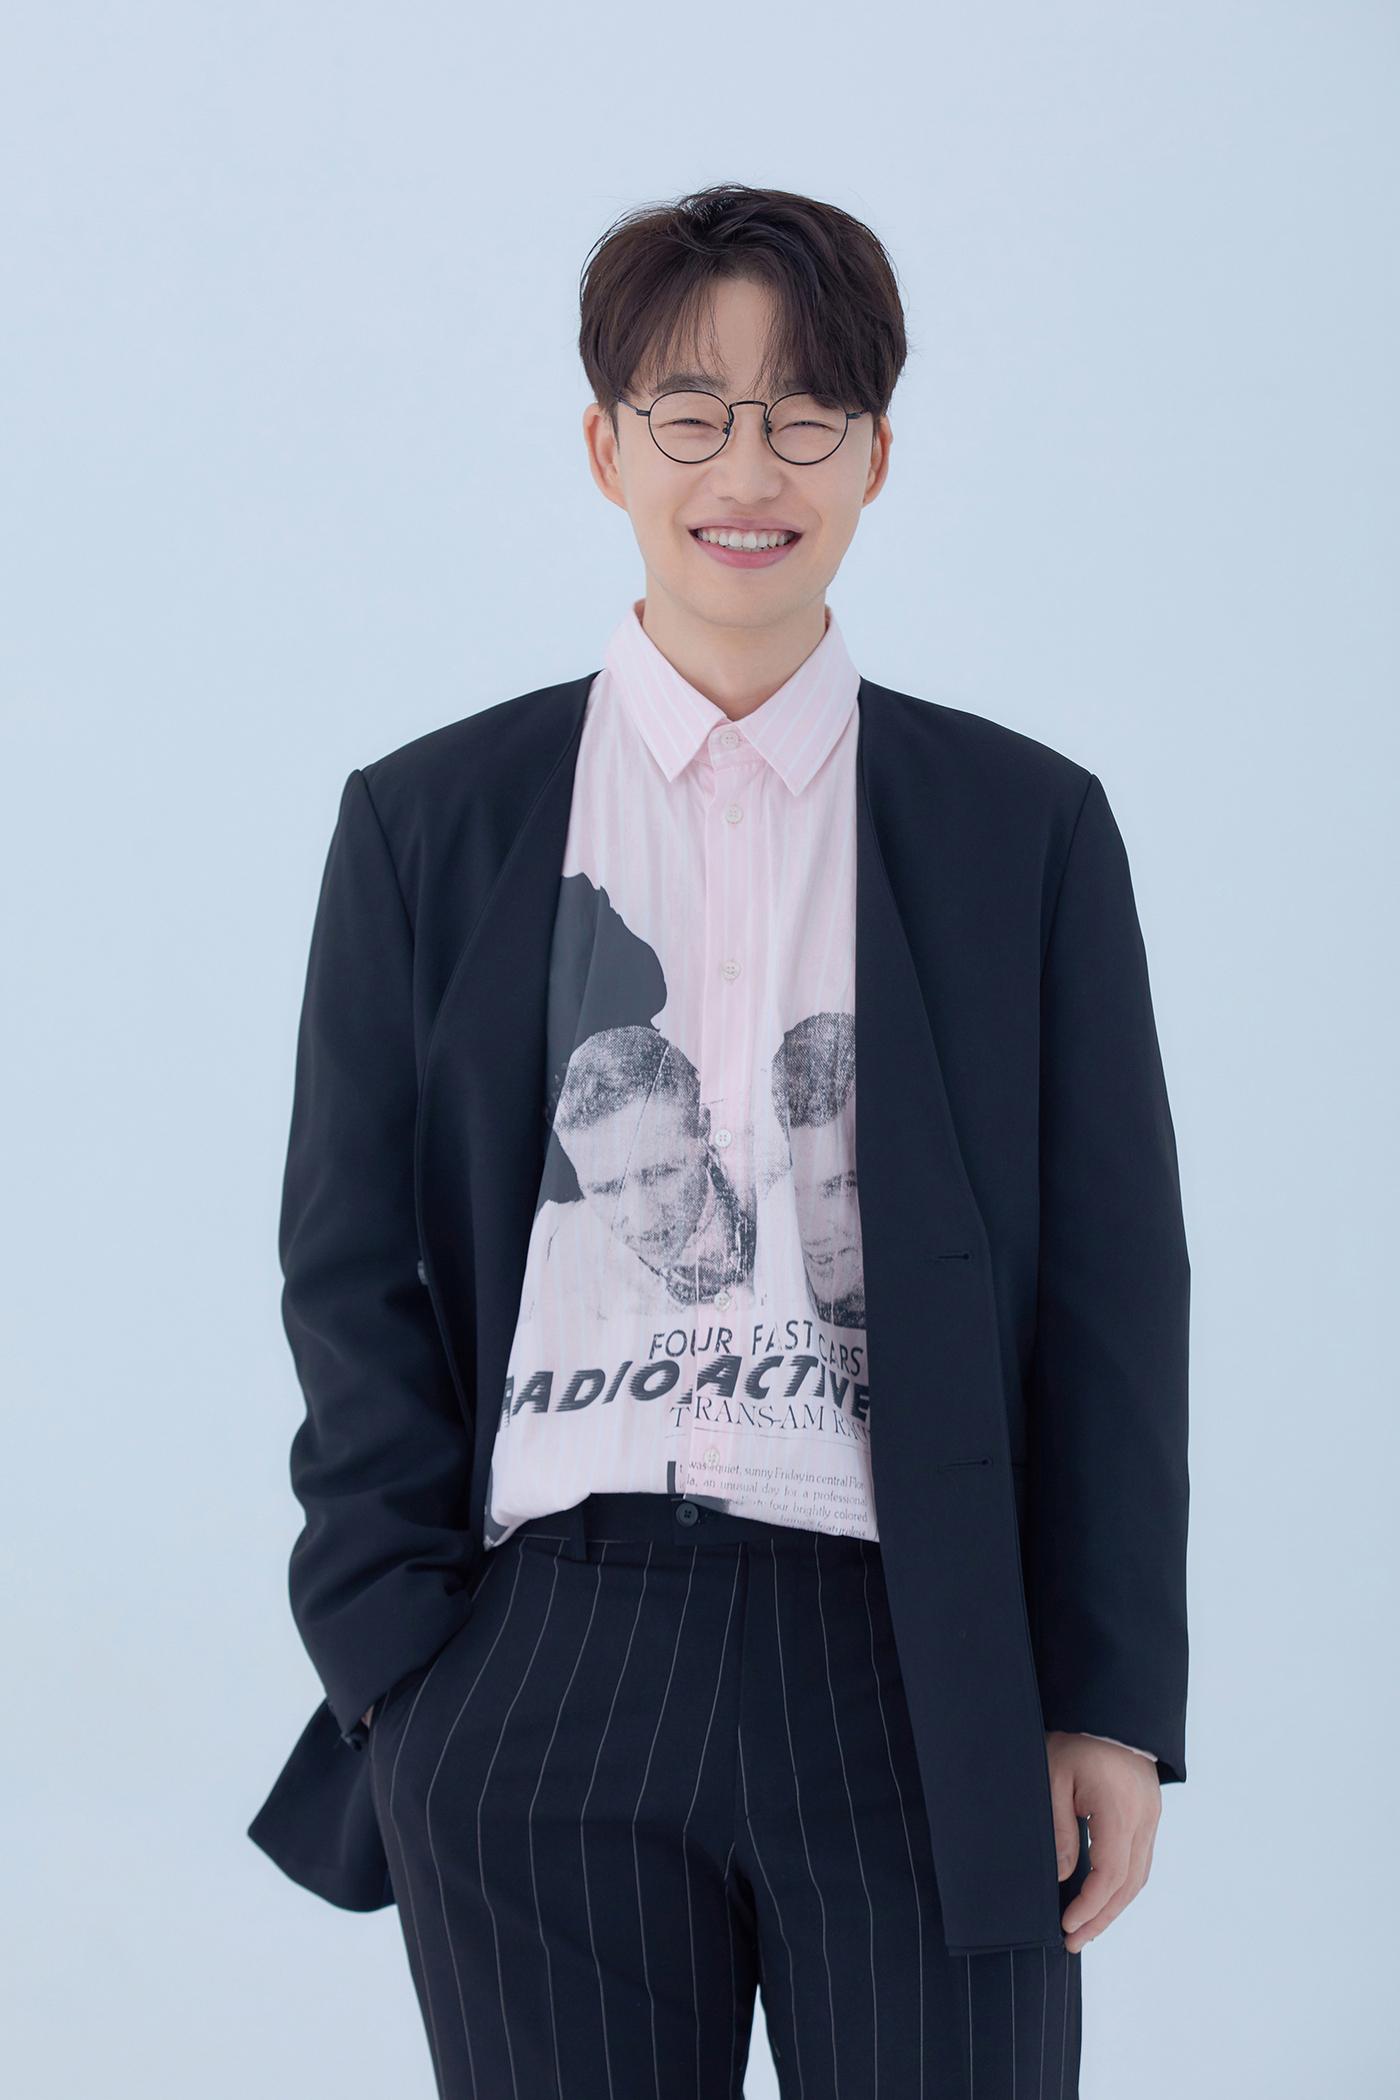 24일(월), 홍대광 싱글 앨범 '한 걸음씩 발맞춰서' 발매 | 인스티즈